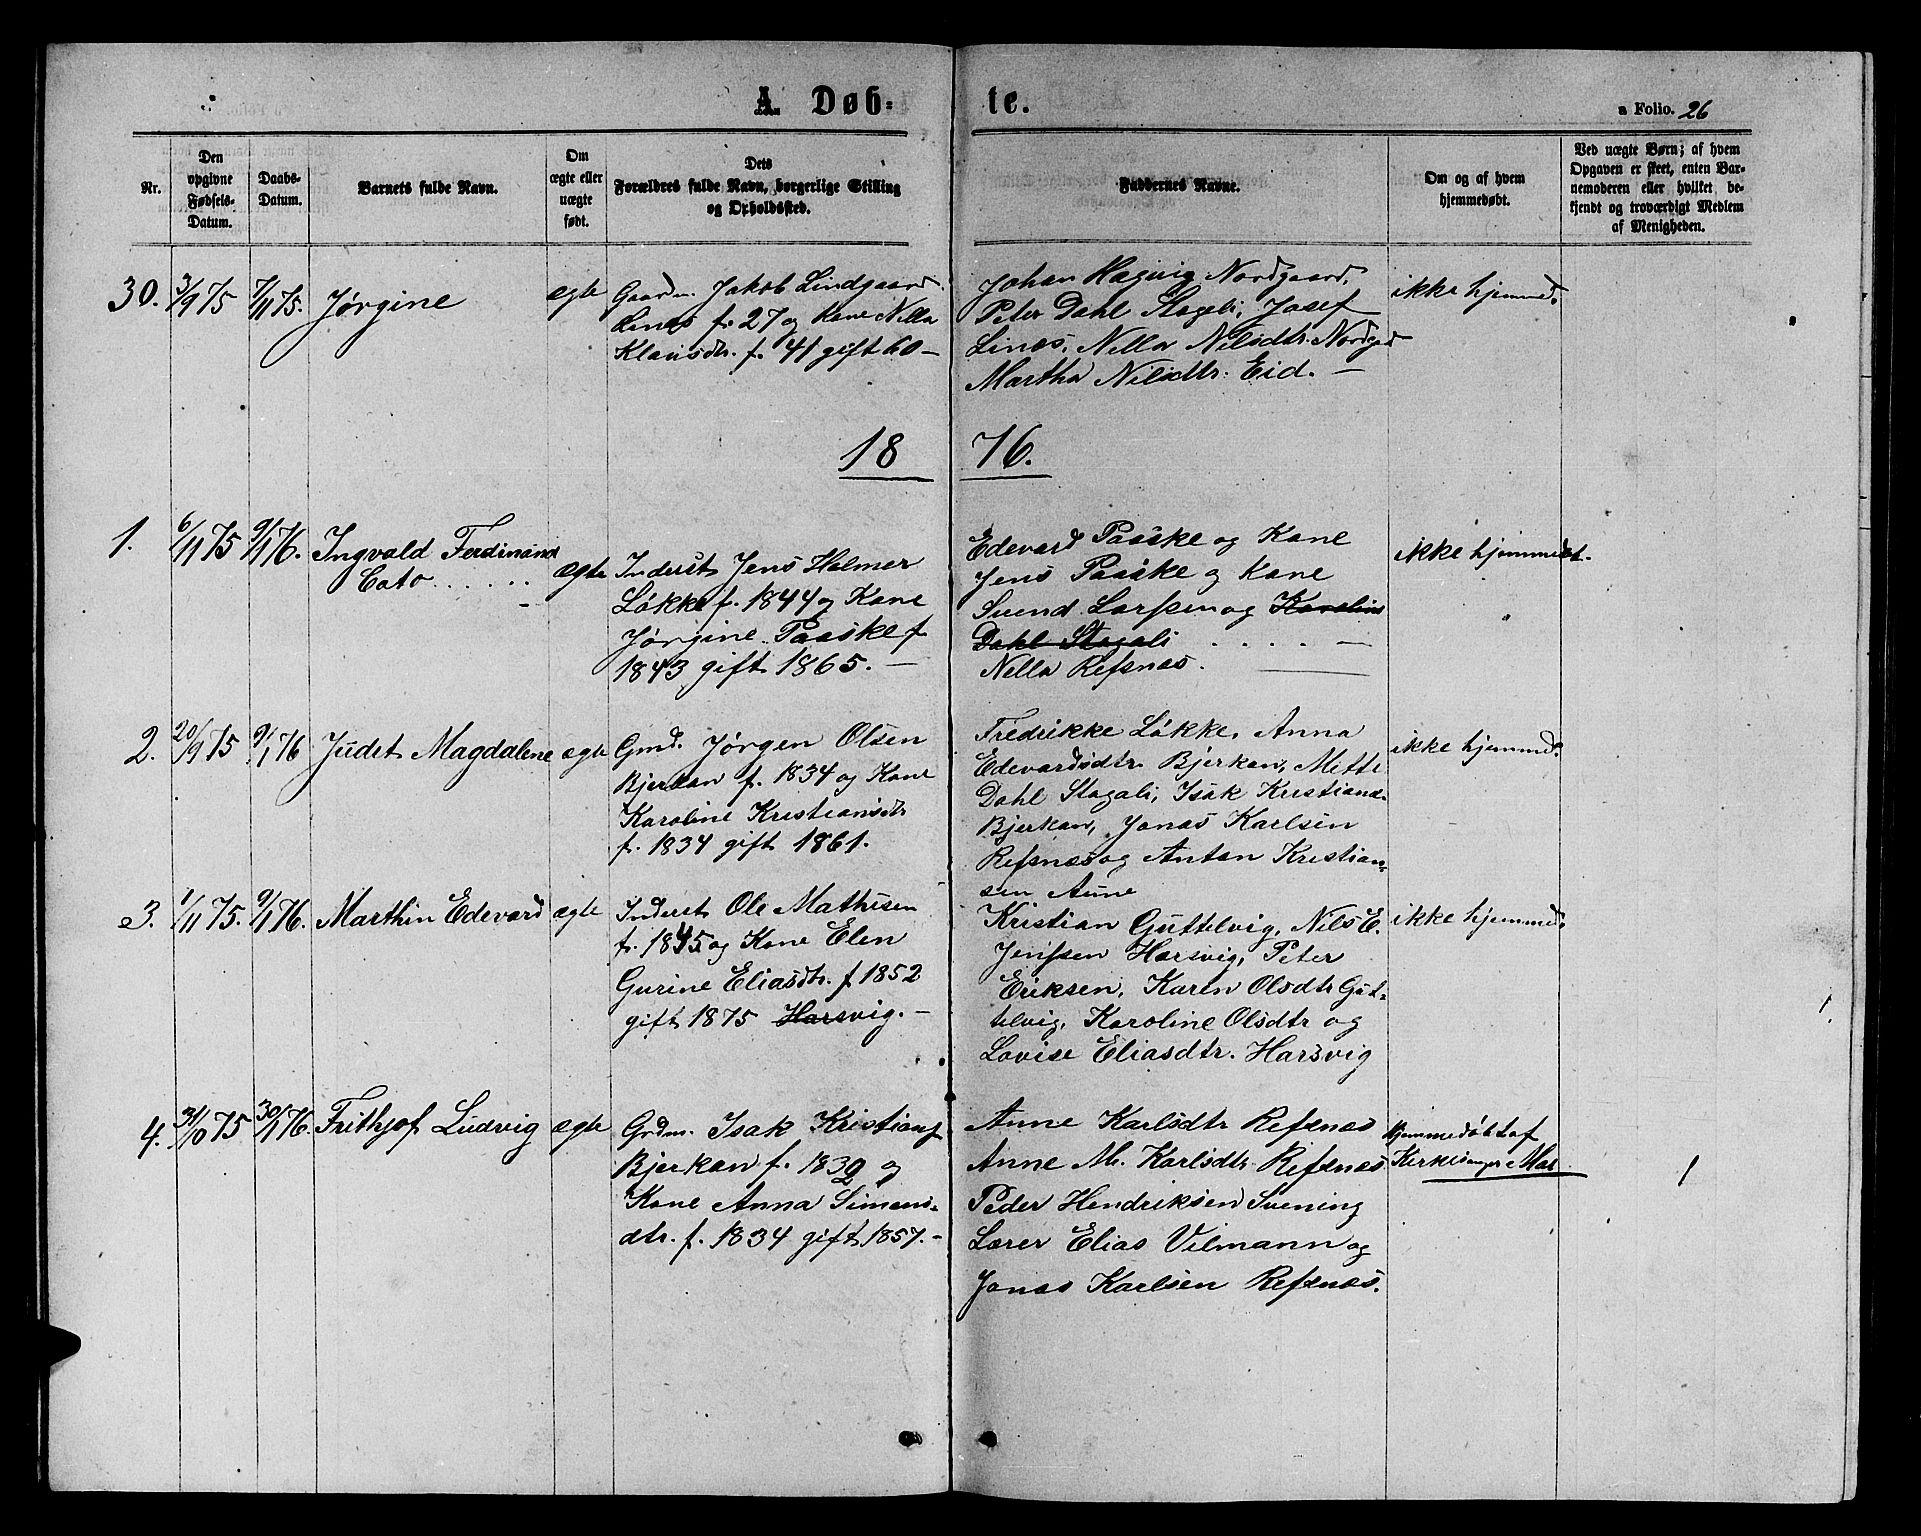 SAT, Ministerialprotokoller, klokkerbøker og fødselsregistre - Sør-Trøndelag, 656/L0695: Klokkerbok nr. 656C01, 1867-1889, s. 26